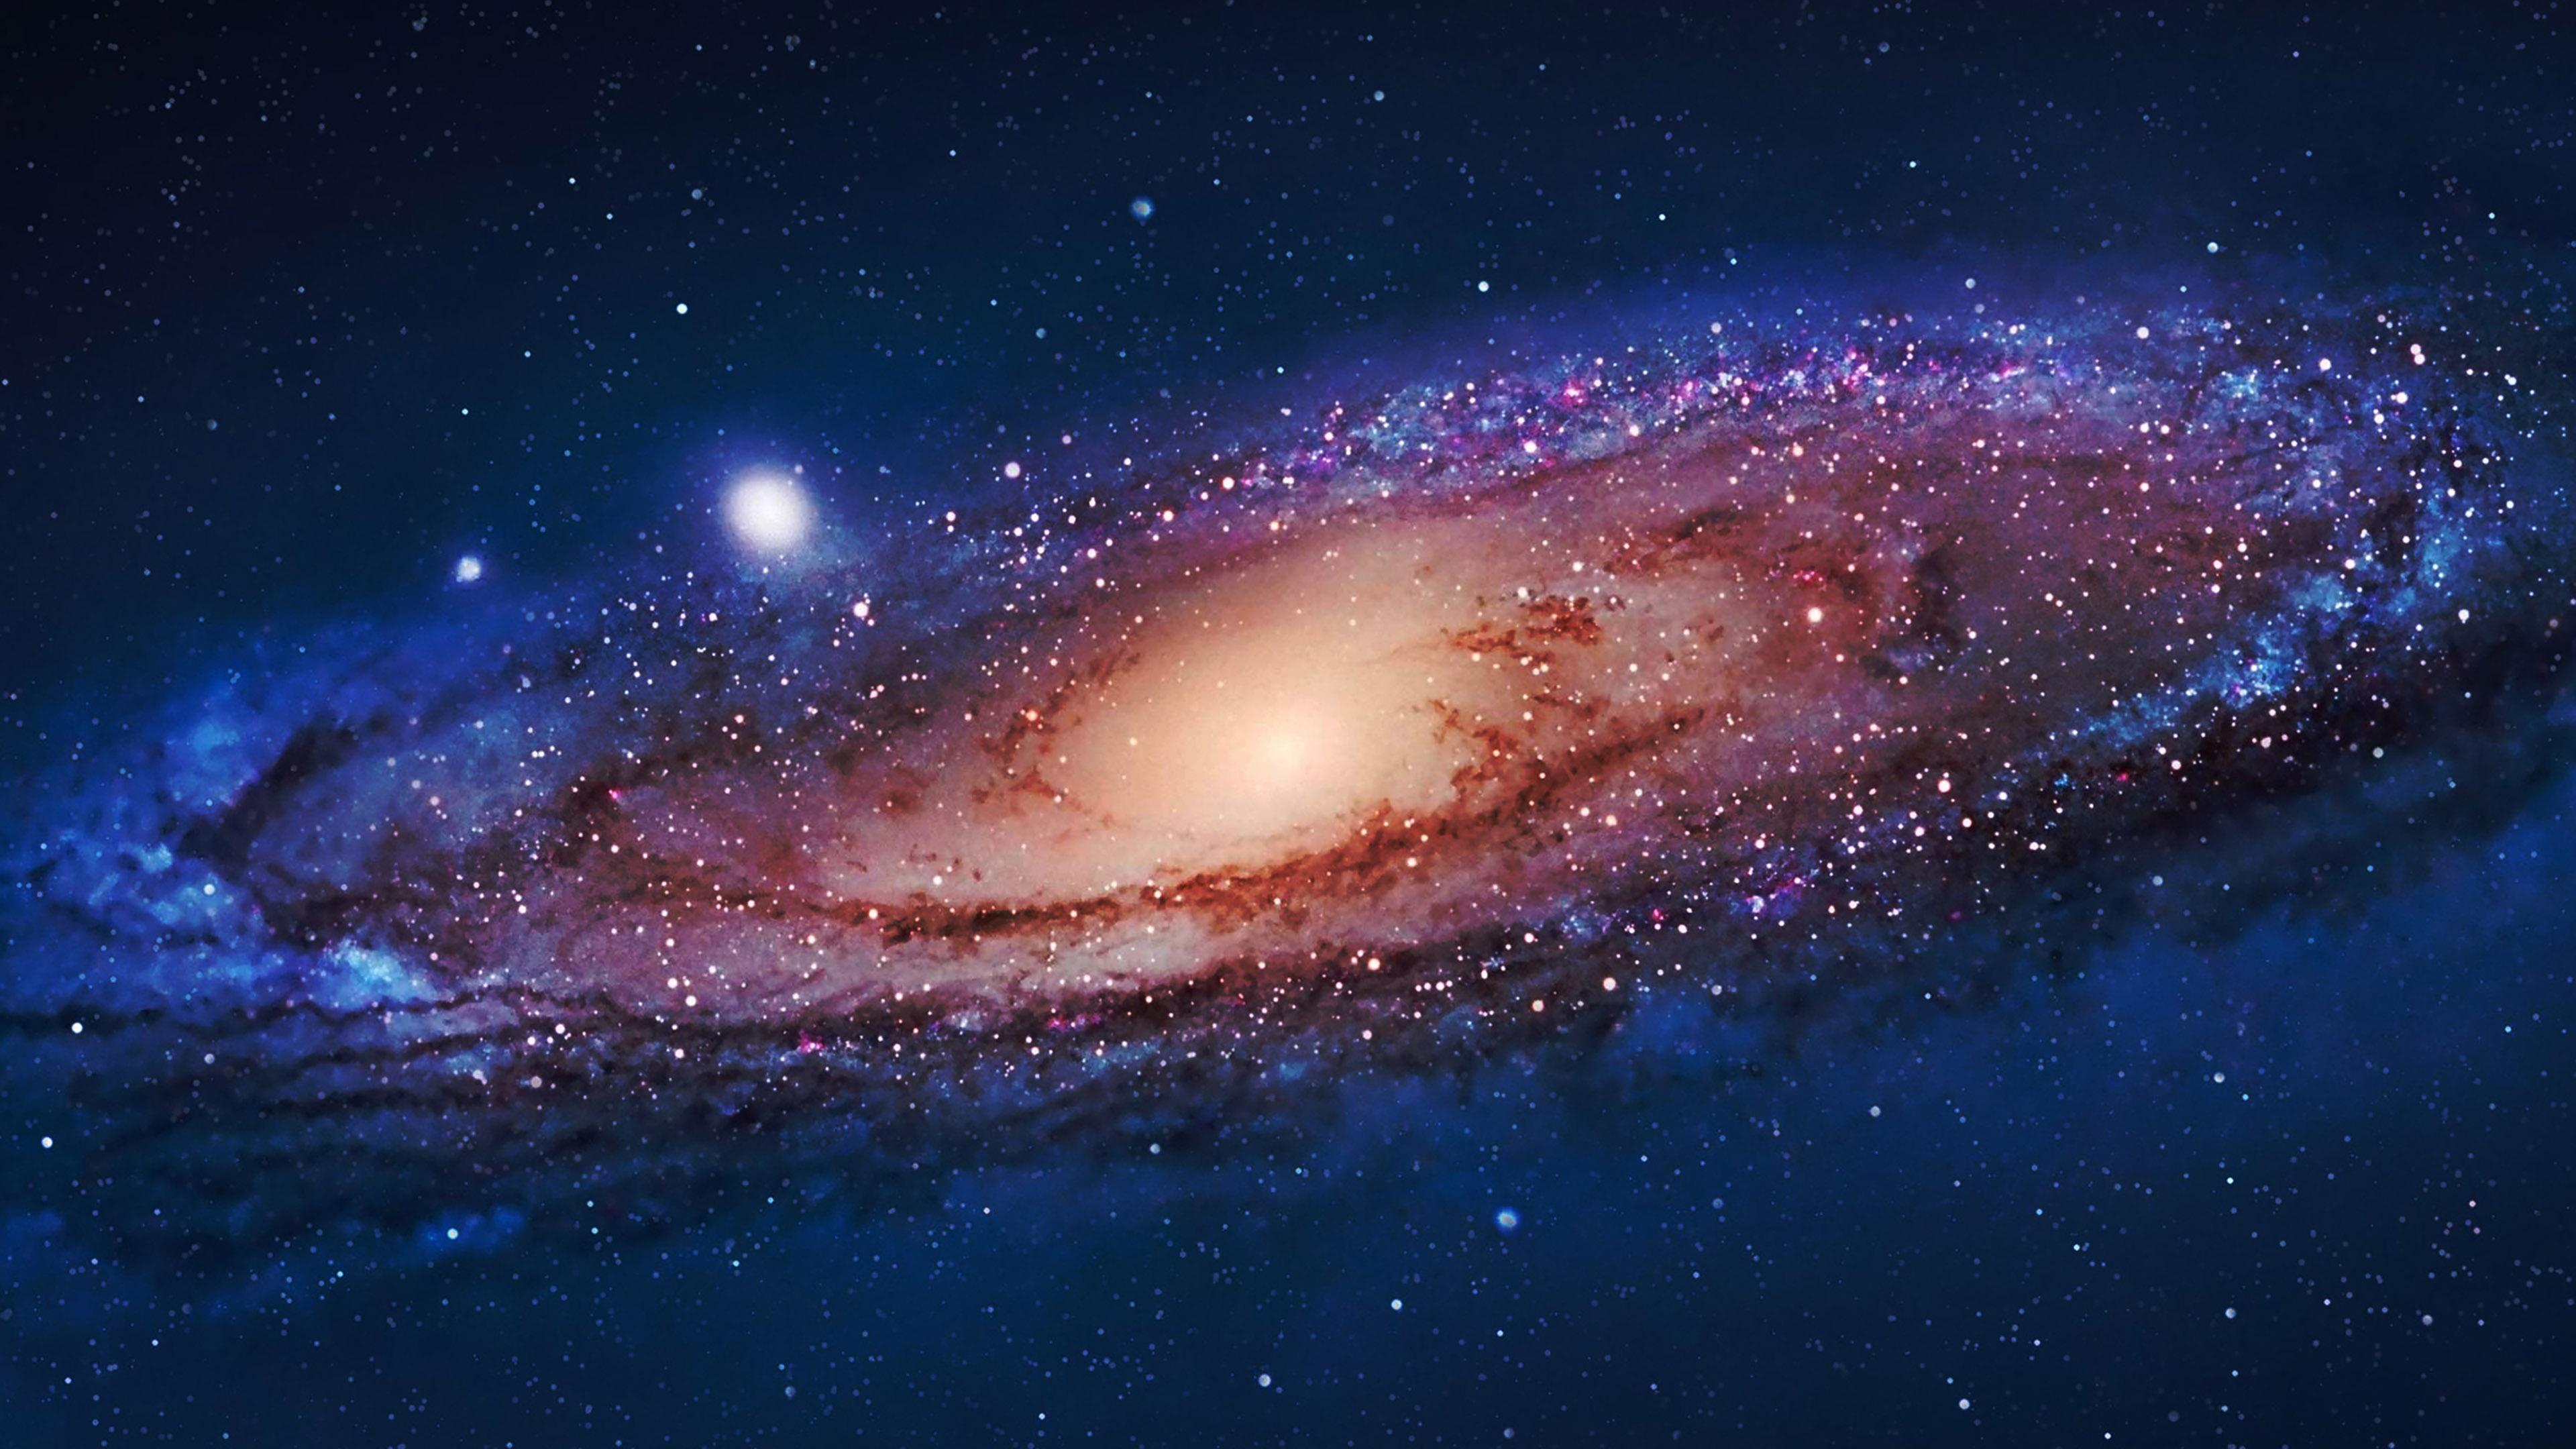 Andromeda Galaxy wallpaper - backiee